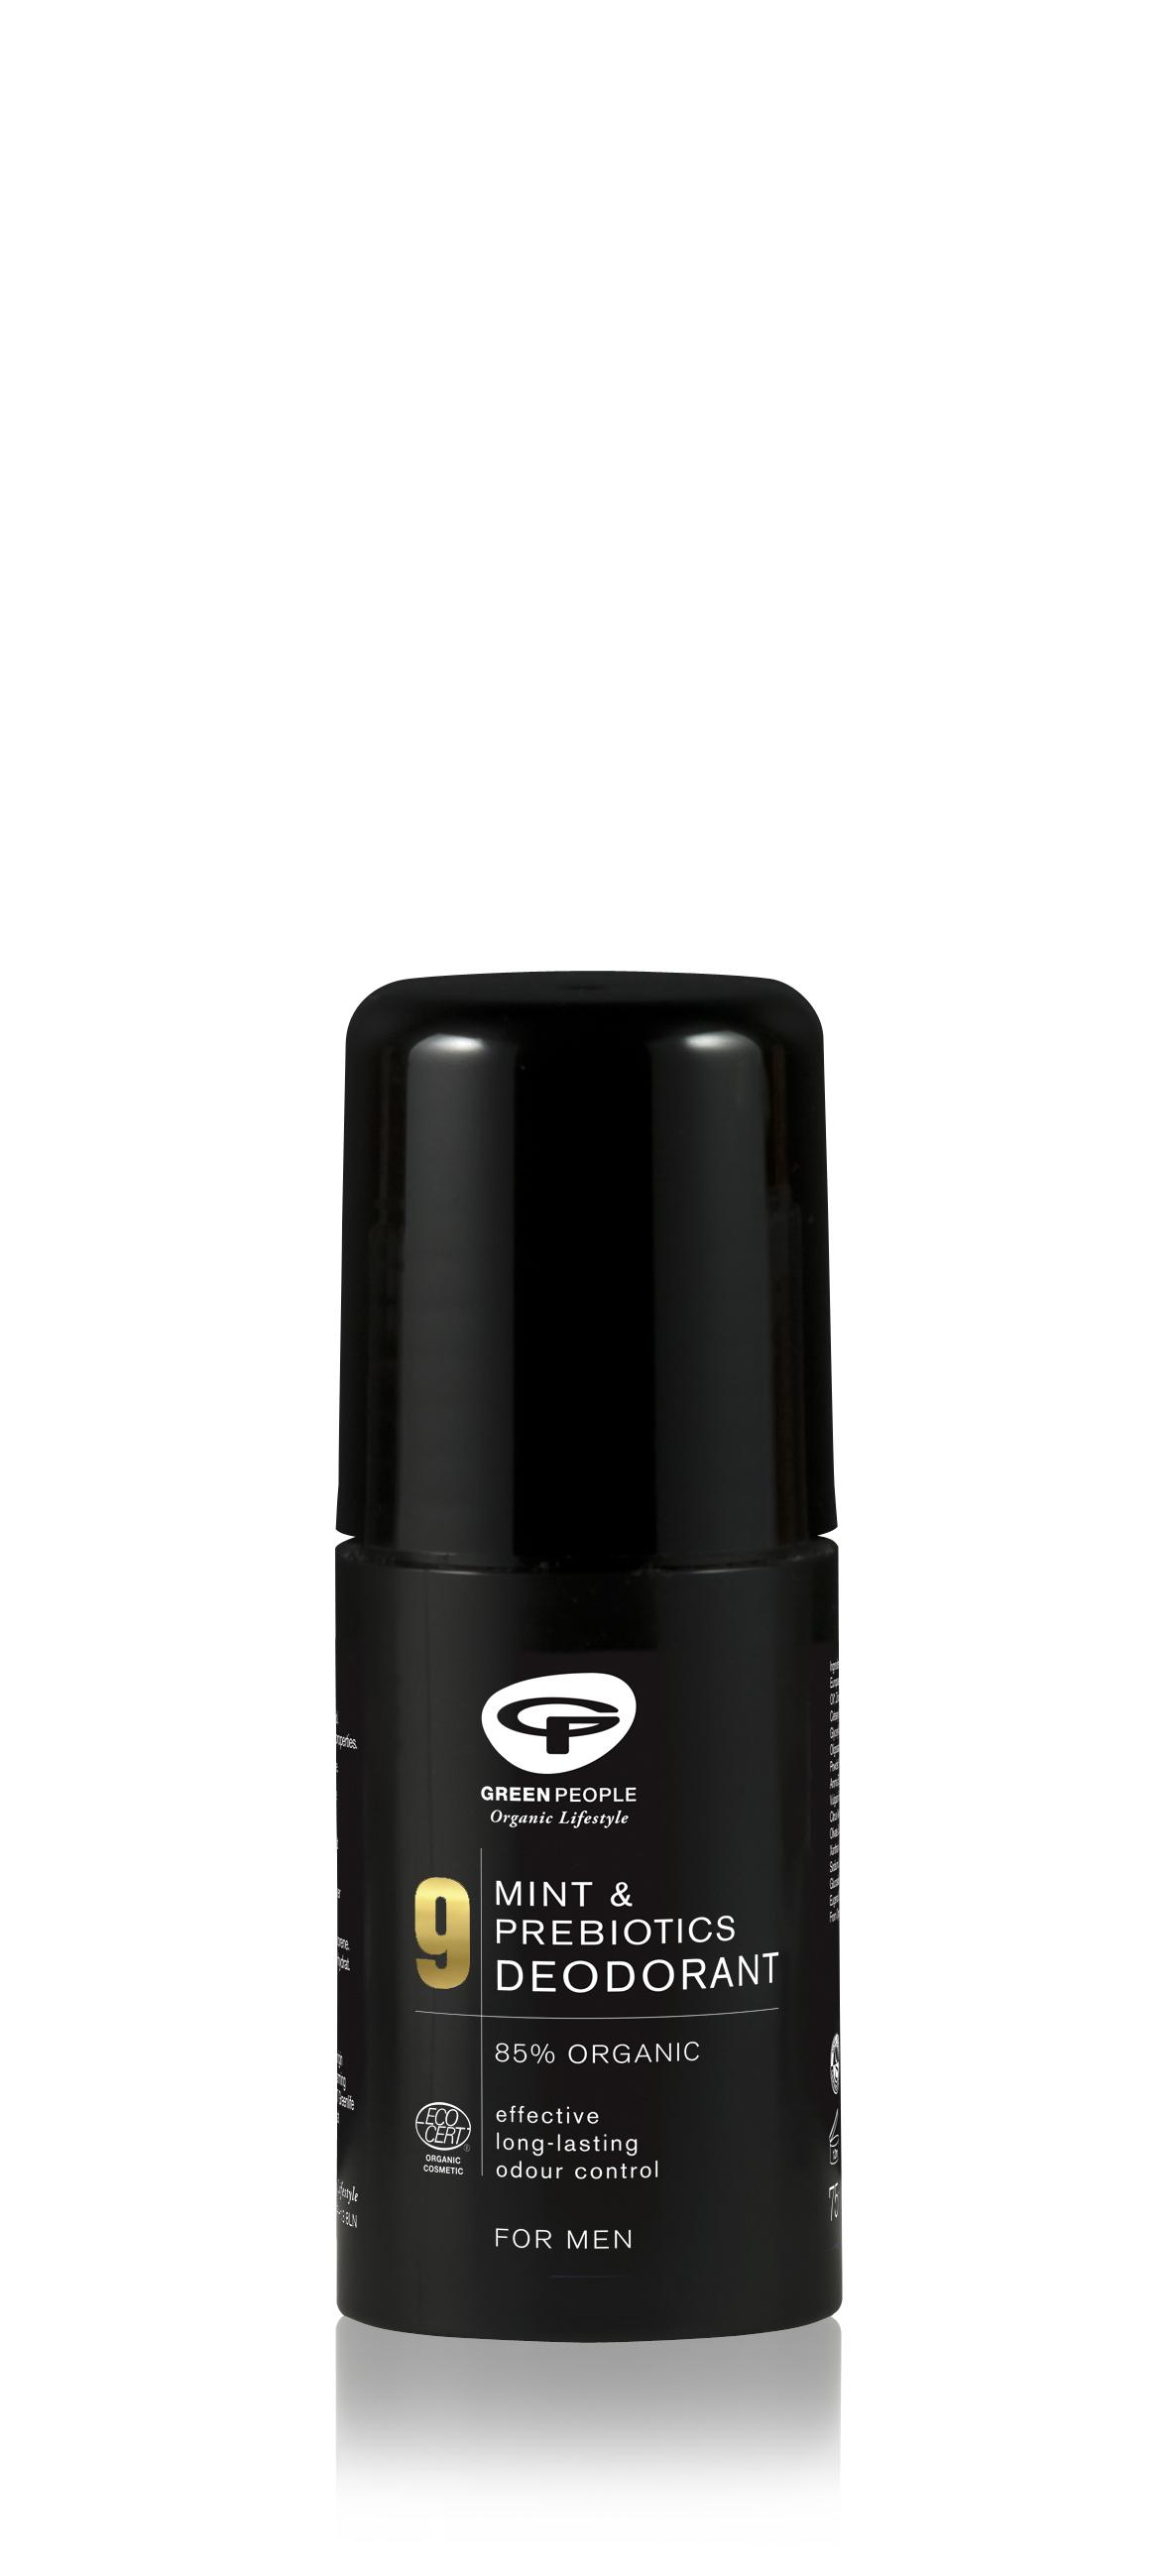 Mint & Prebiotics Deodorant For Men 75ml